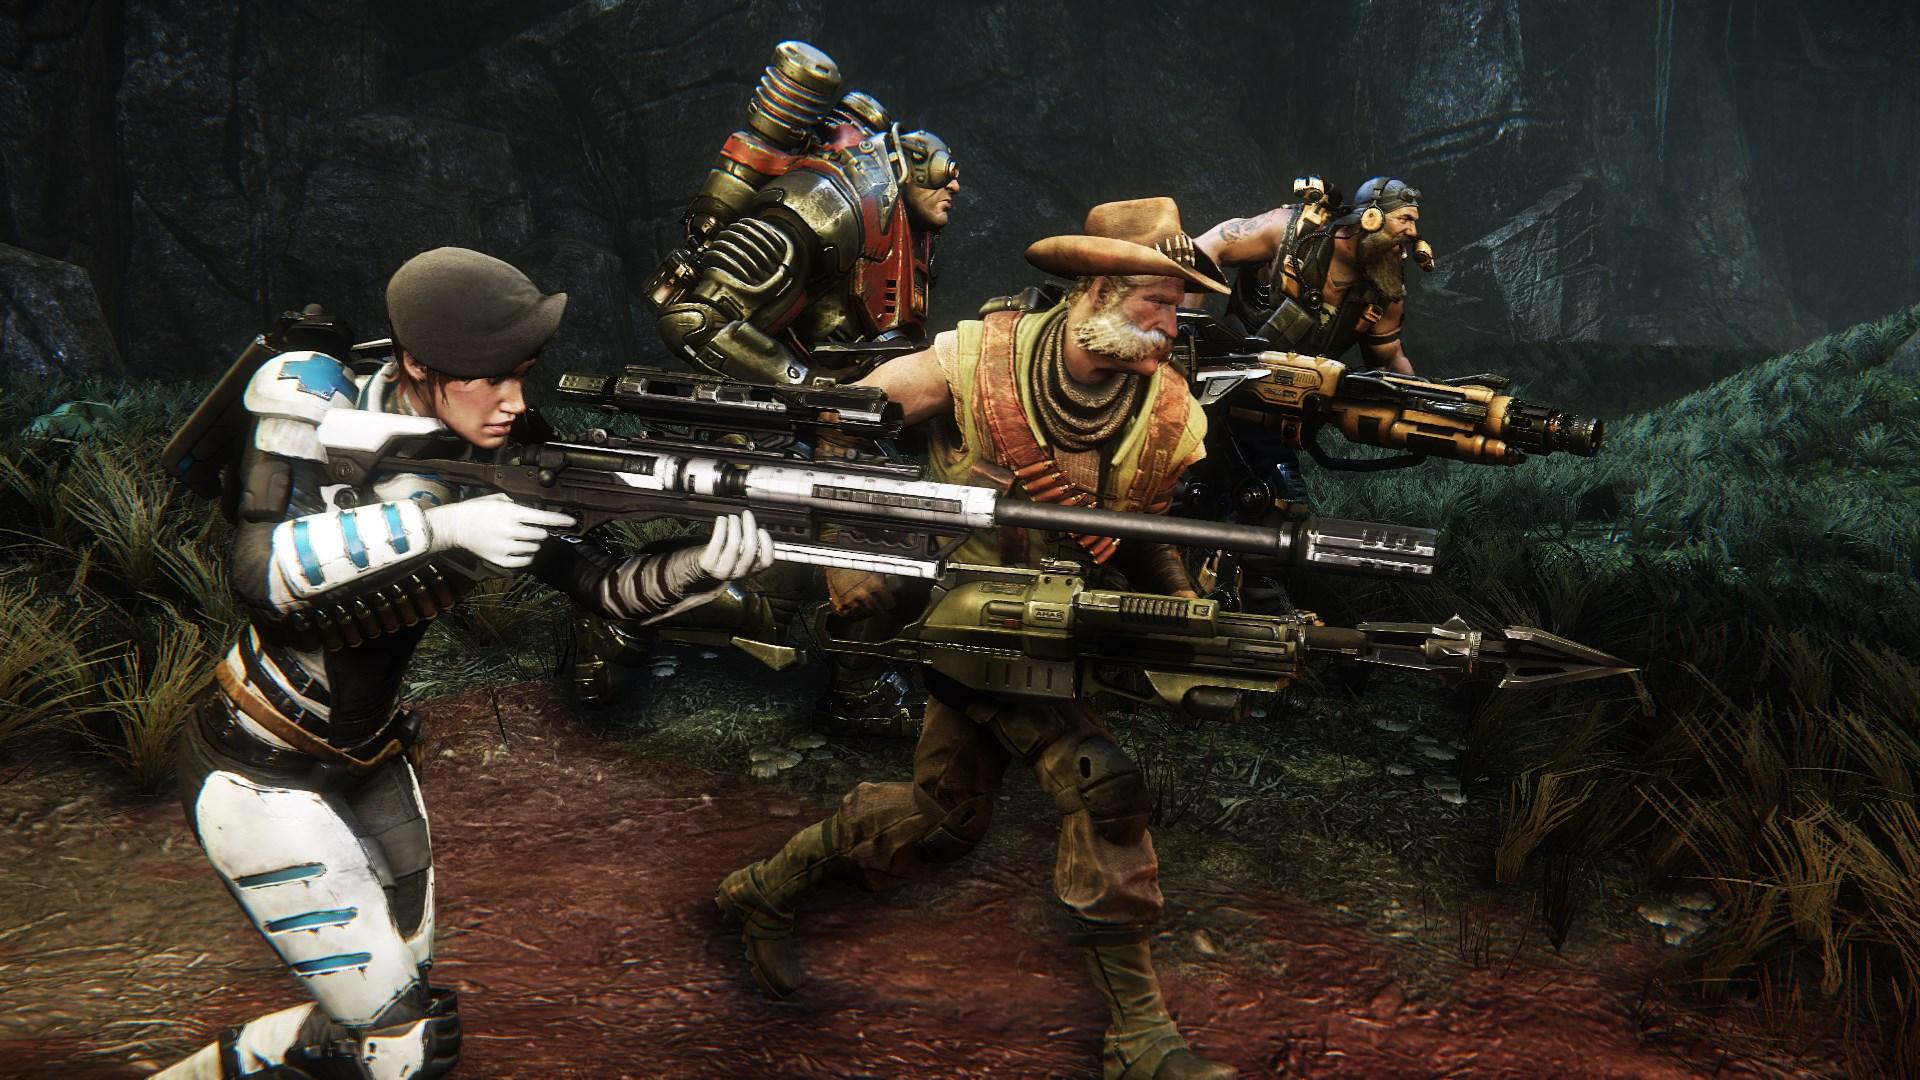 [Vie de Gamer] Evolve – Le plaisir de la chasse (Wraith)